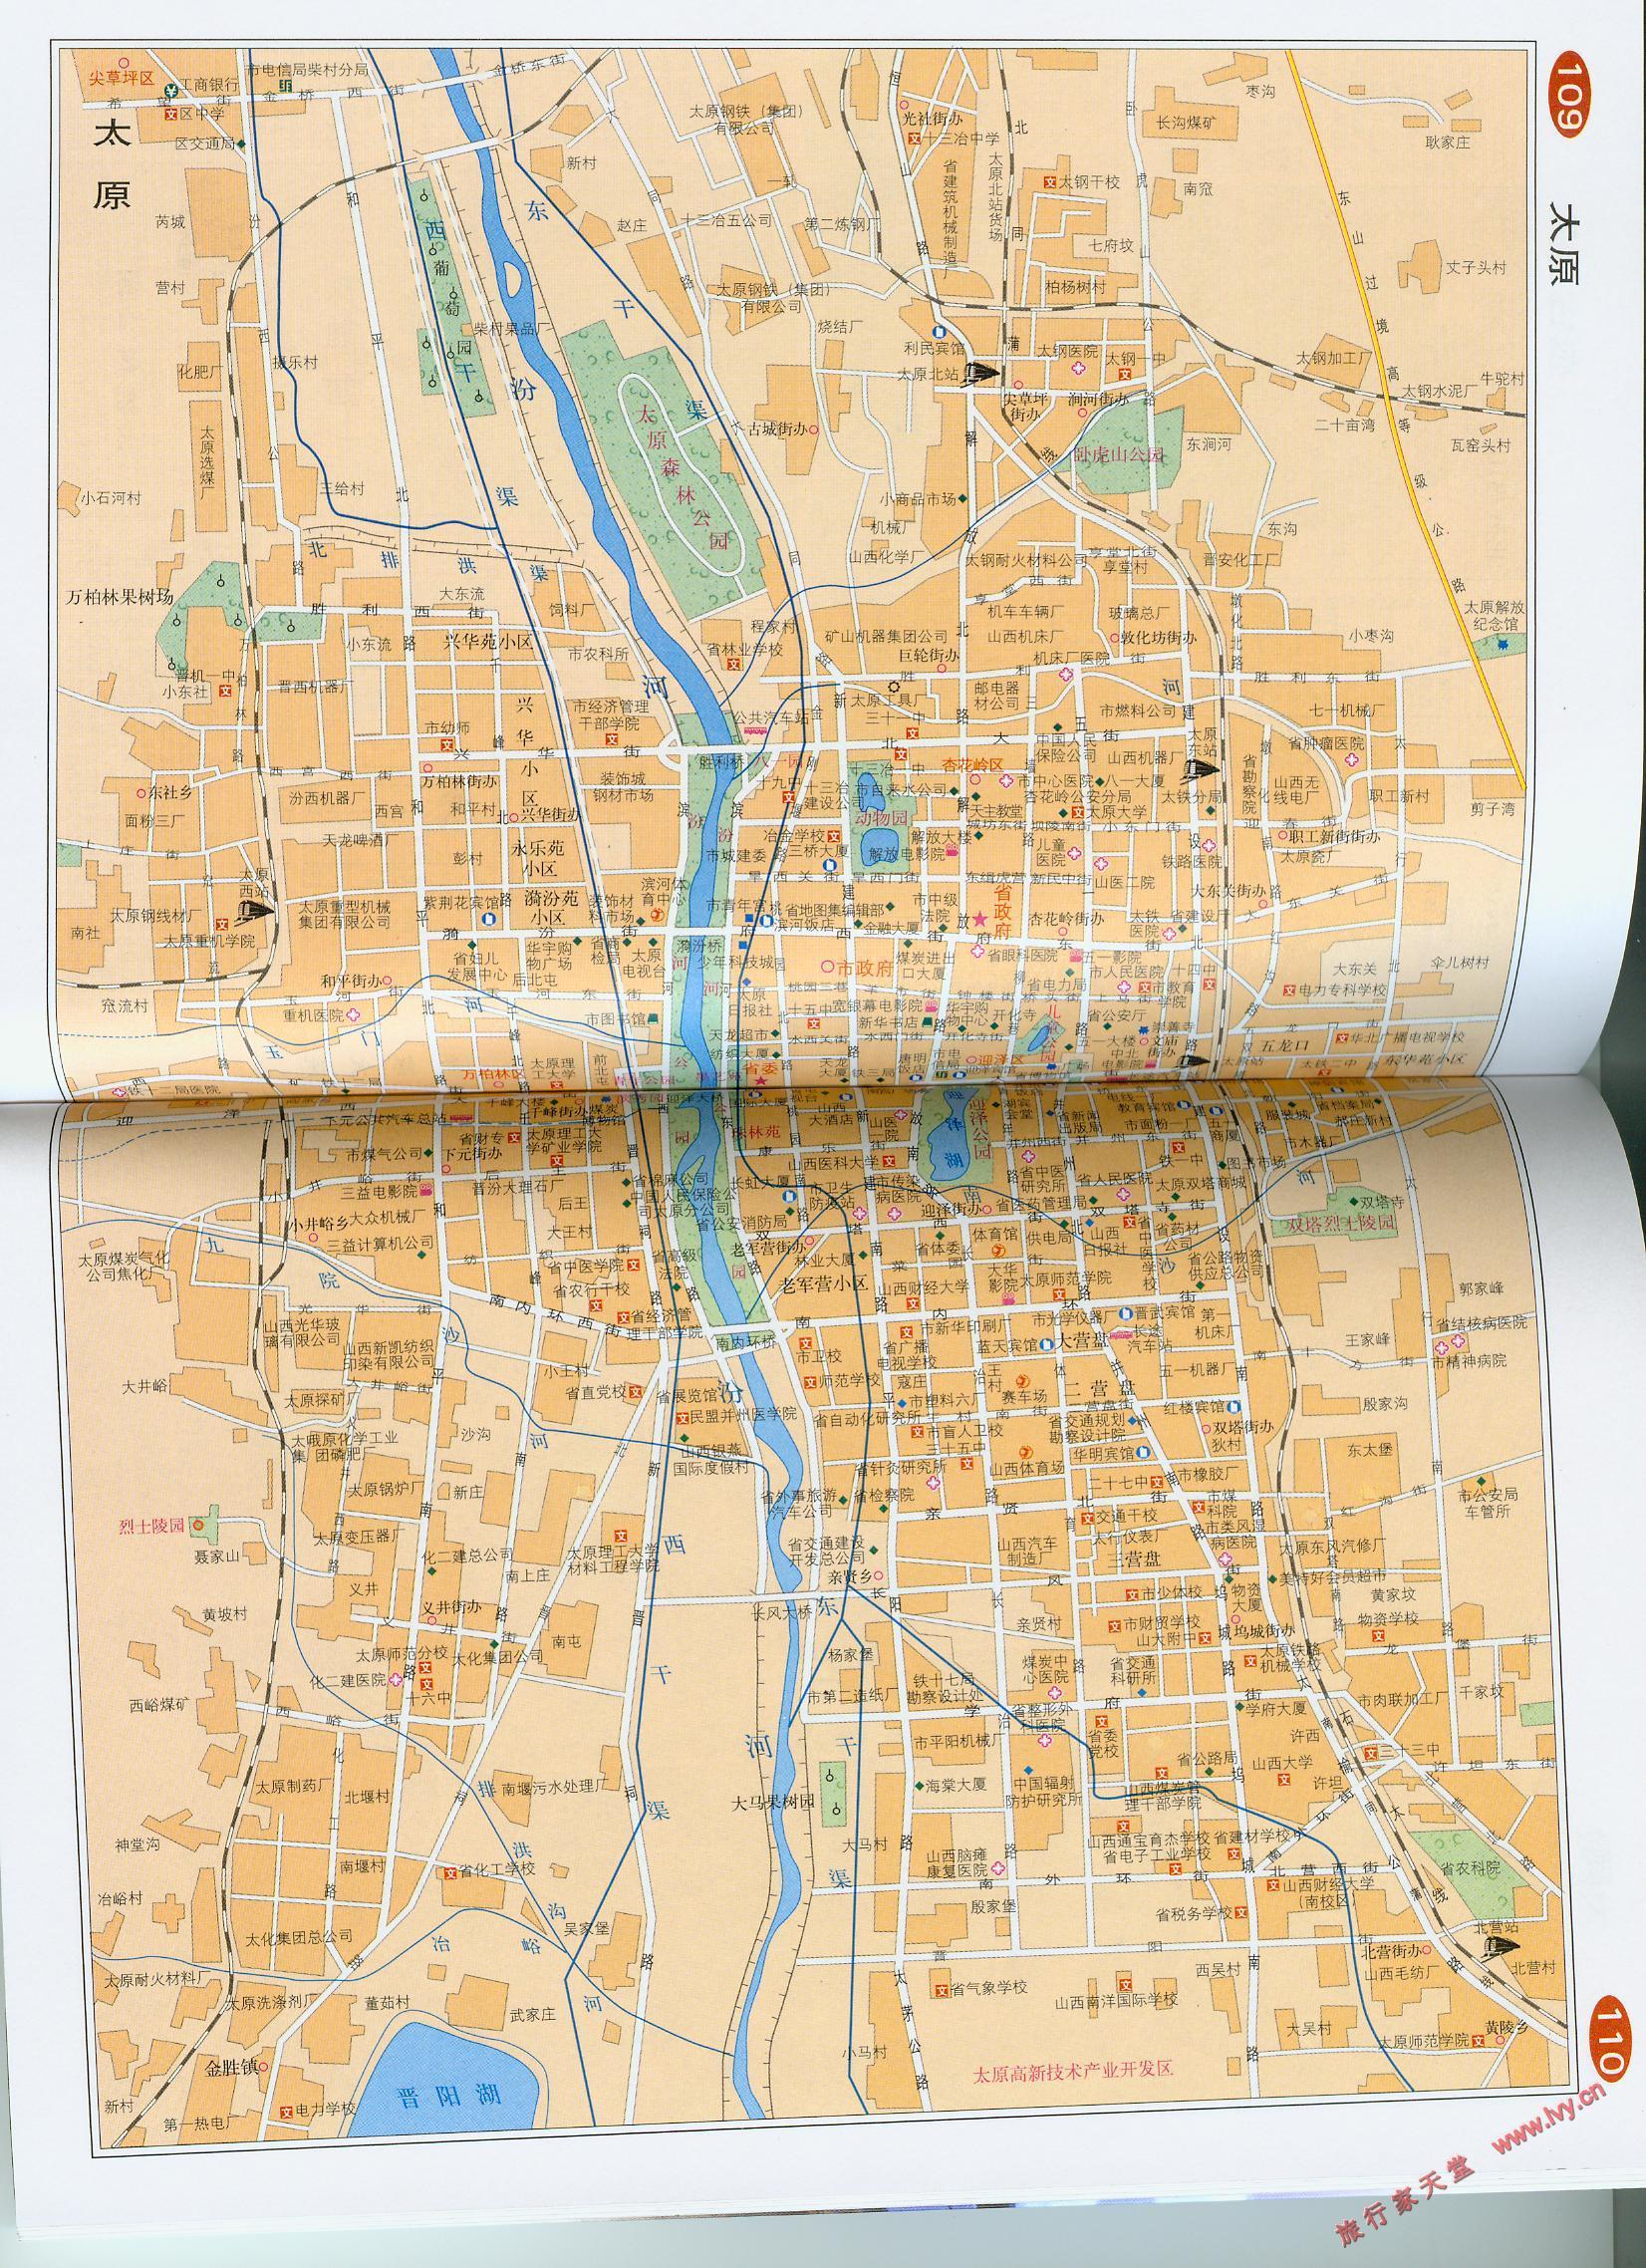 太原市区地图_太原地图库